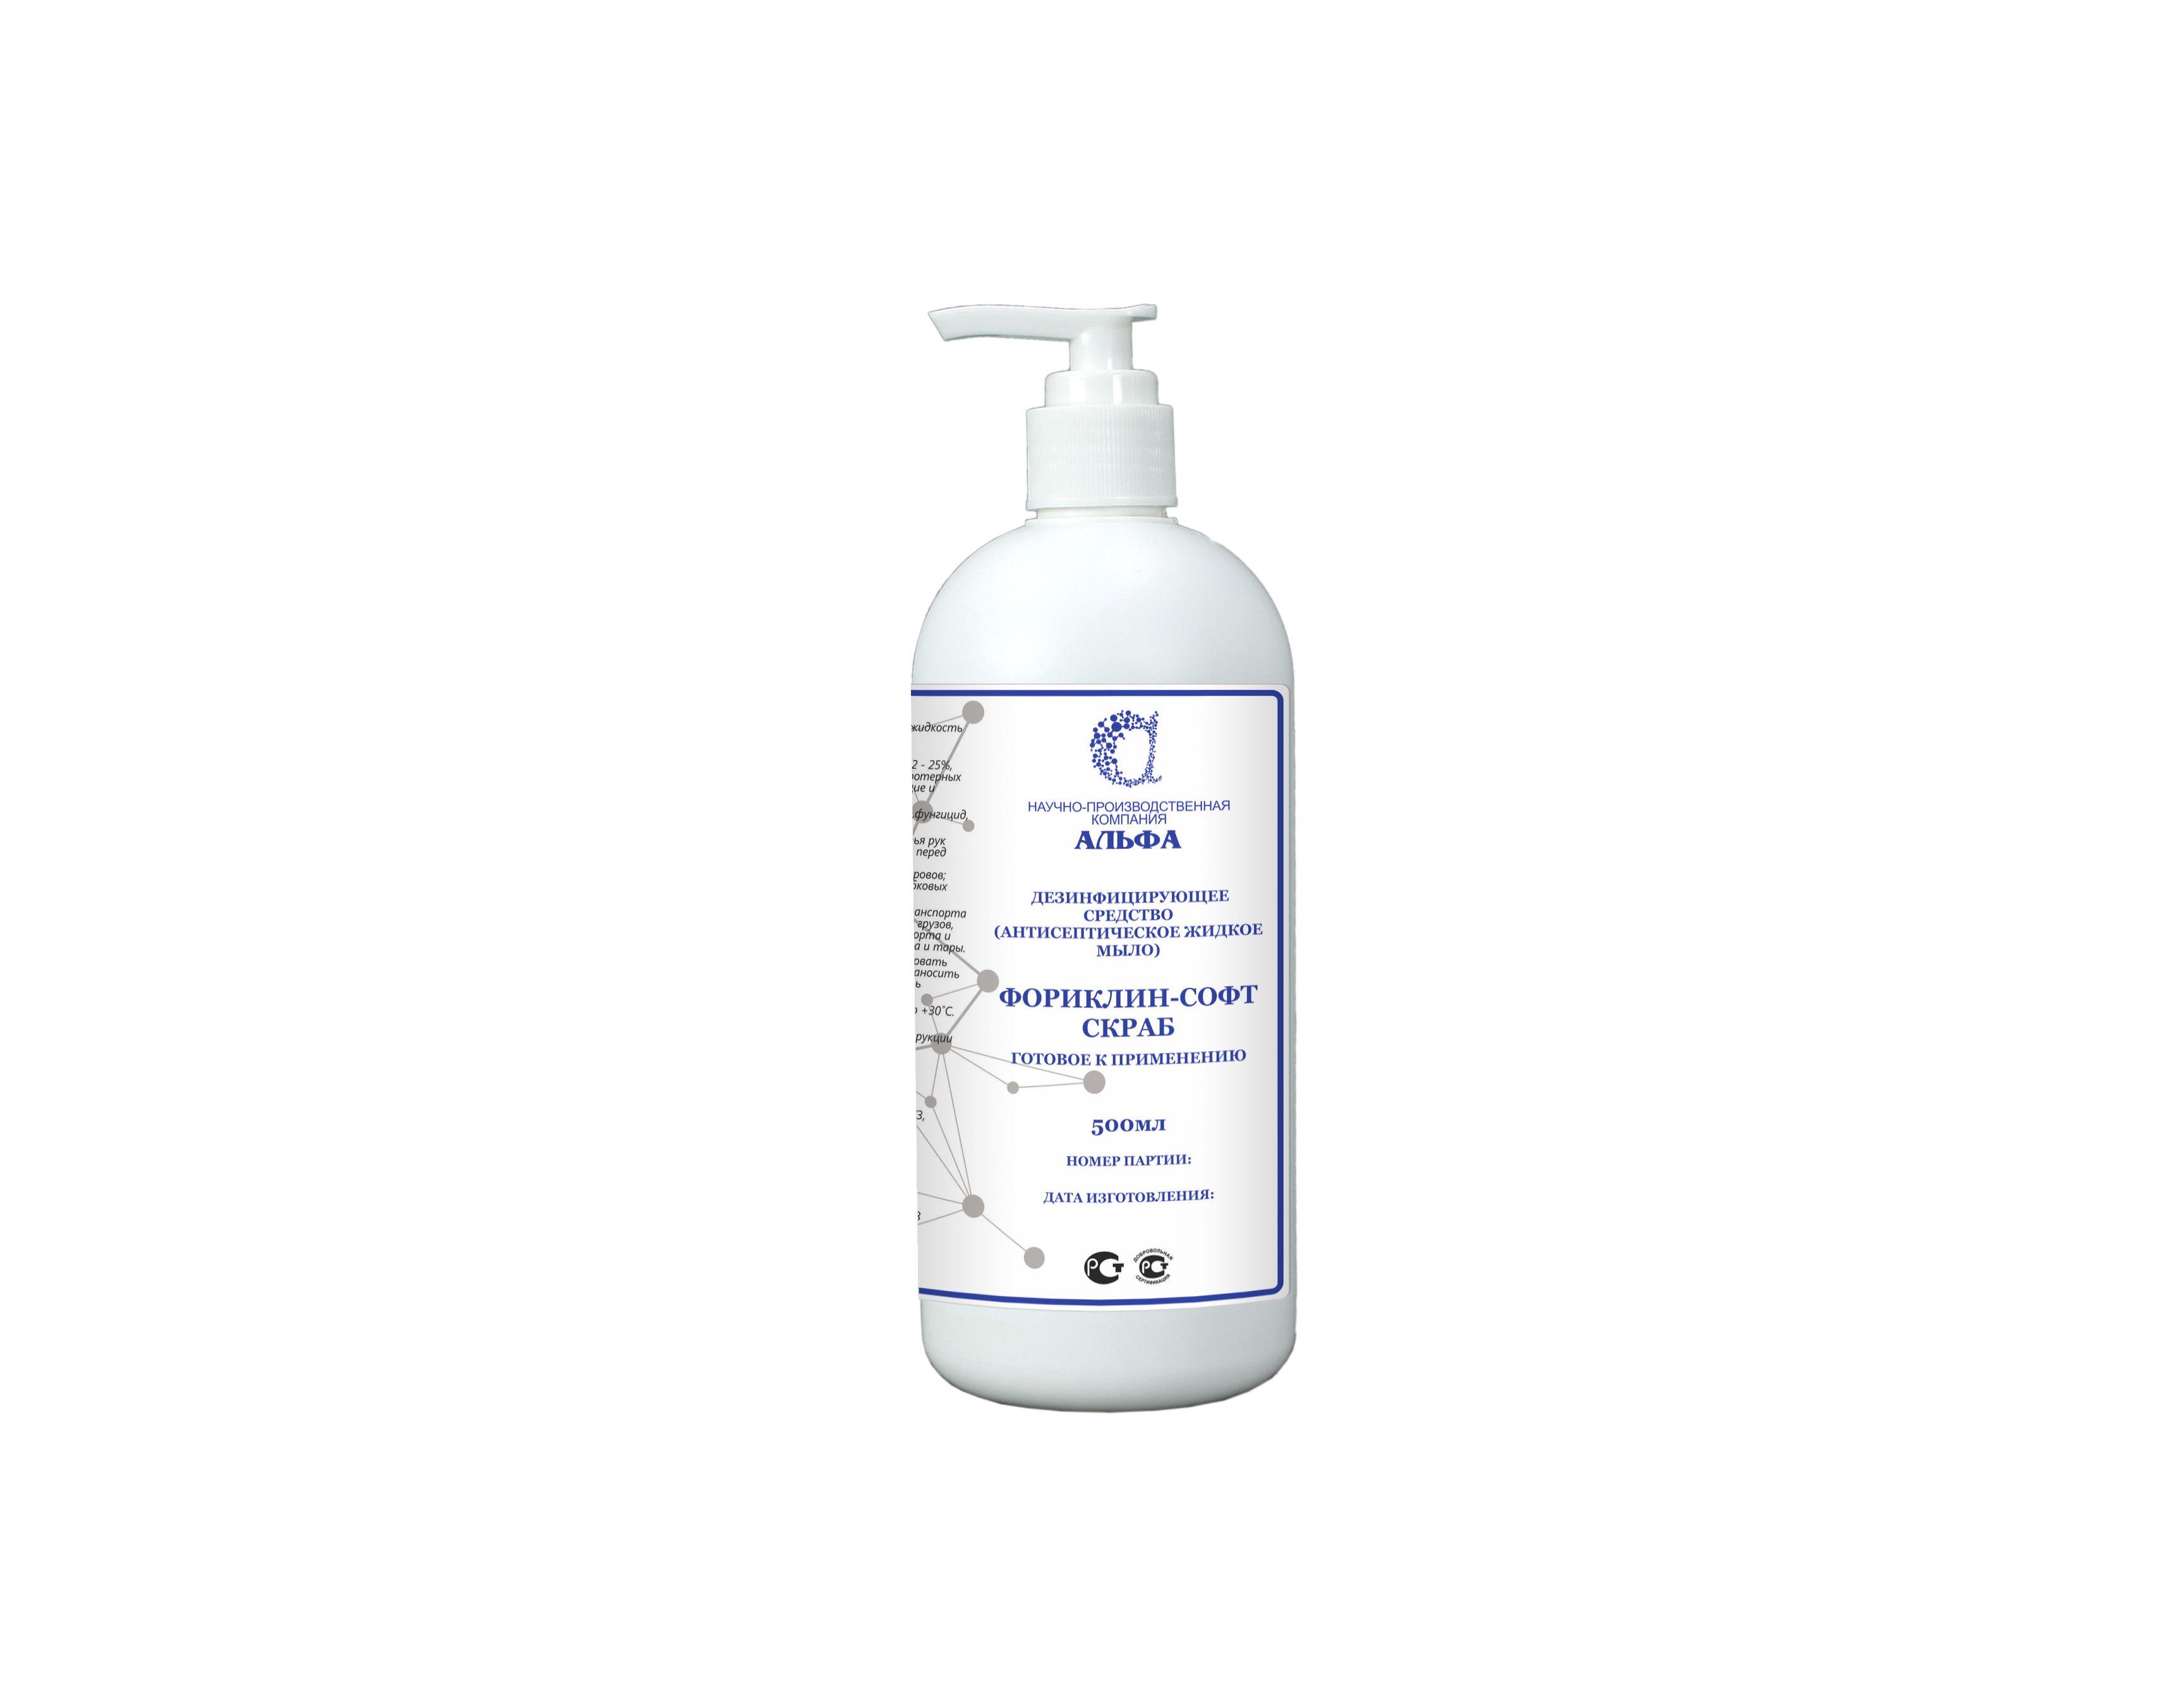 """Antiseptic cleaning gel """"TRICKLIN-SOFT SCRUB"""" 500 ml"""